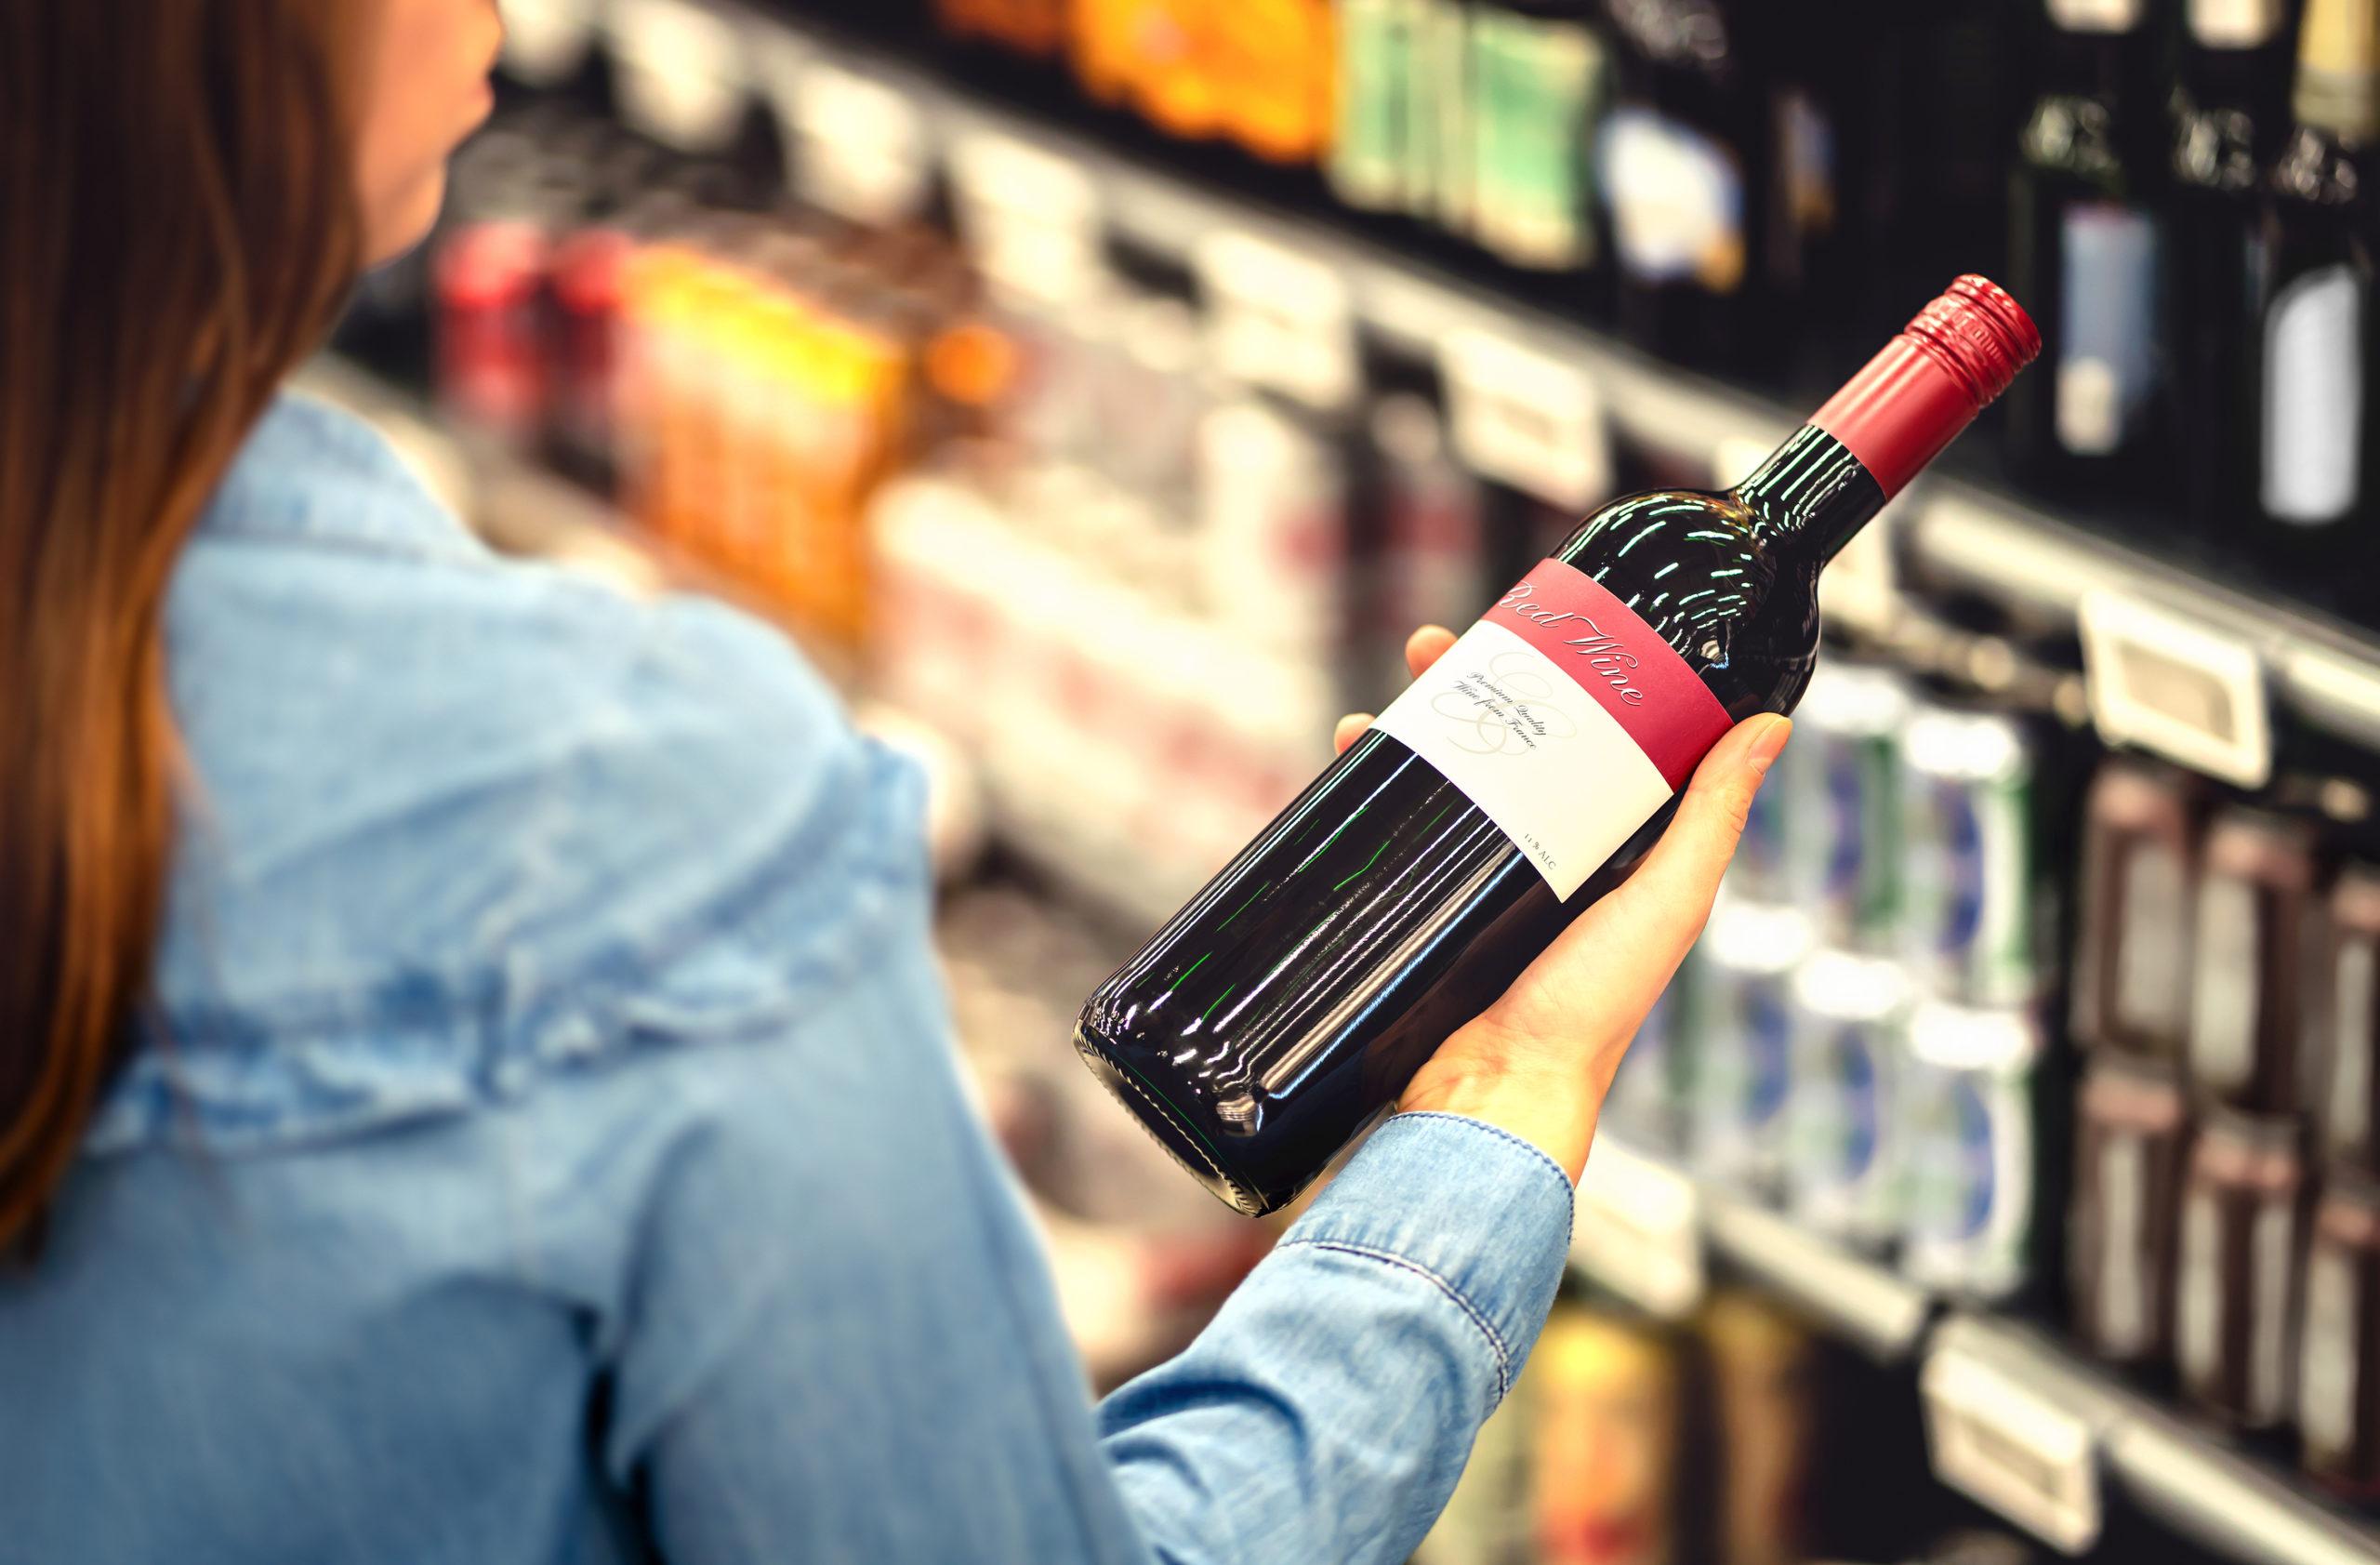 Sklepy ograniczyły liczbę promocji alkoholu